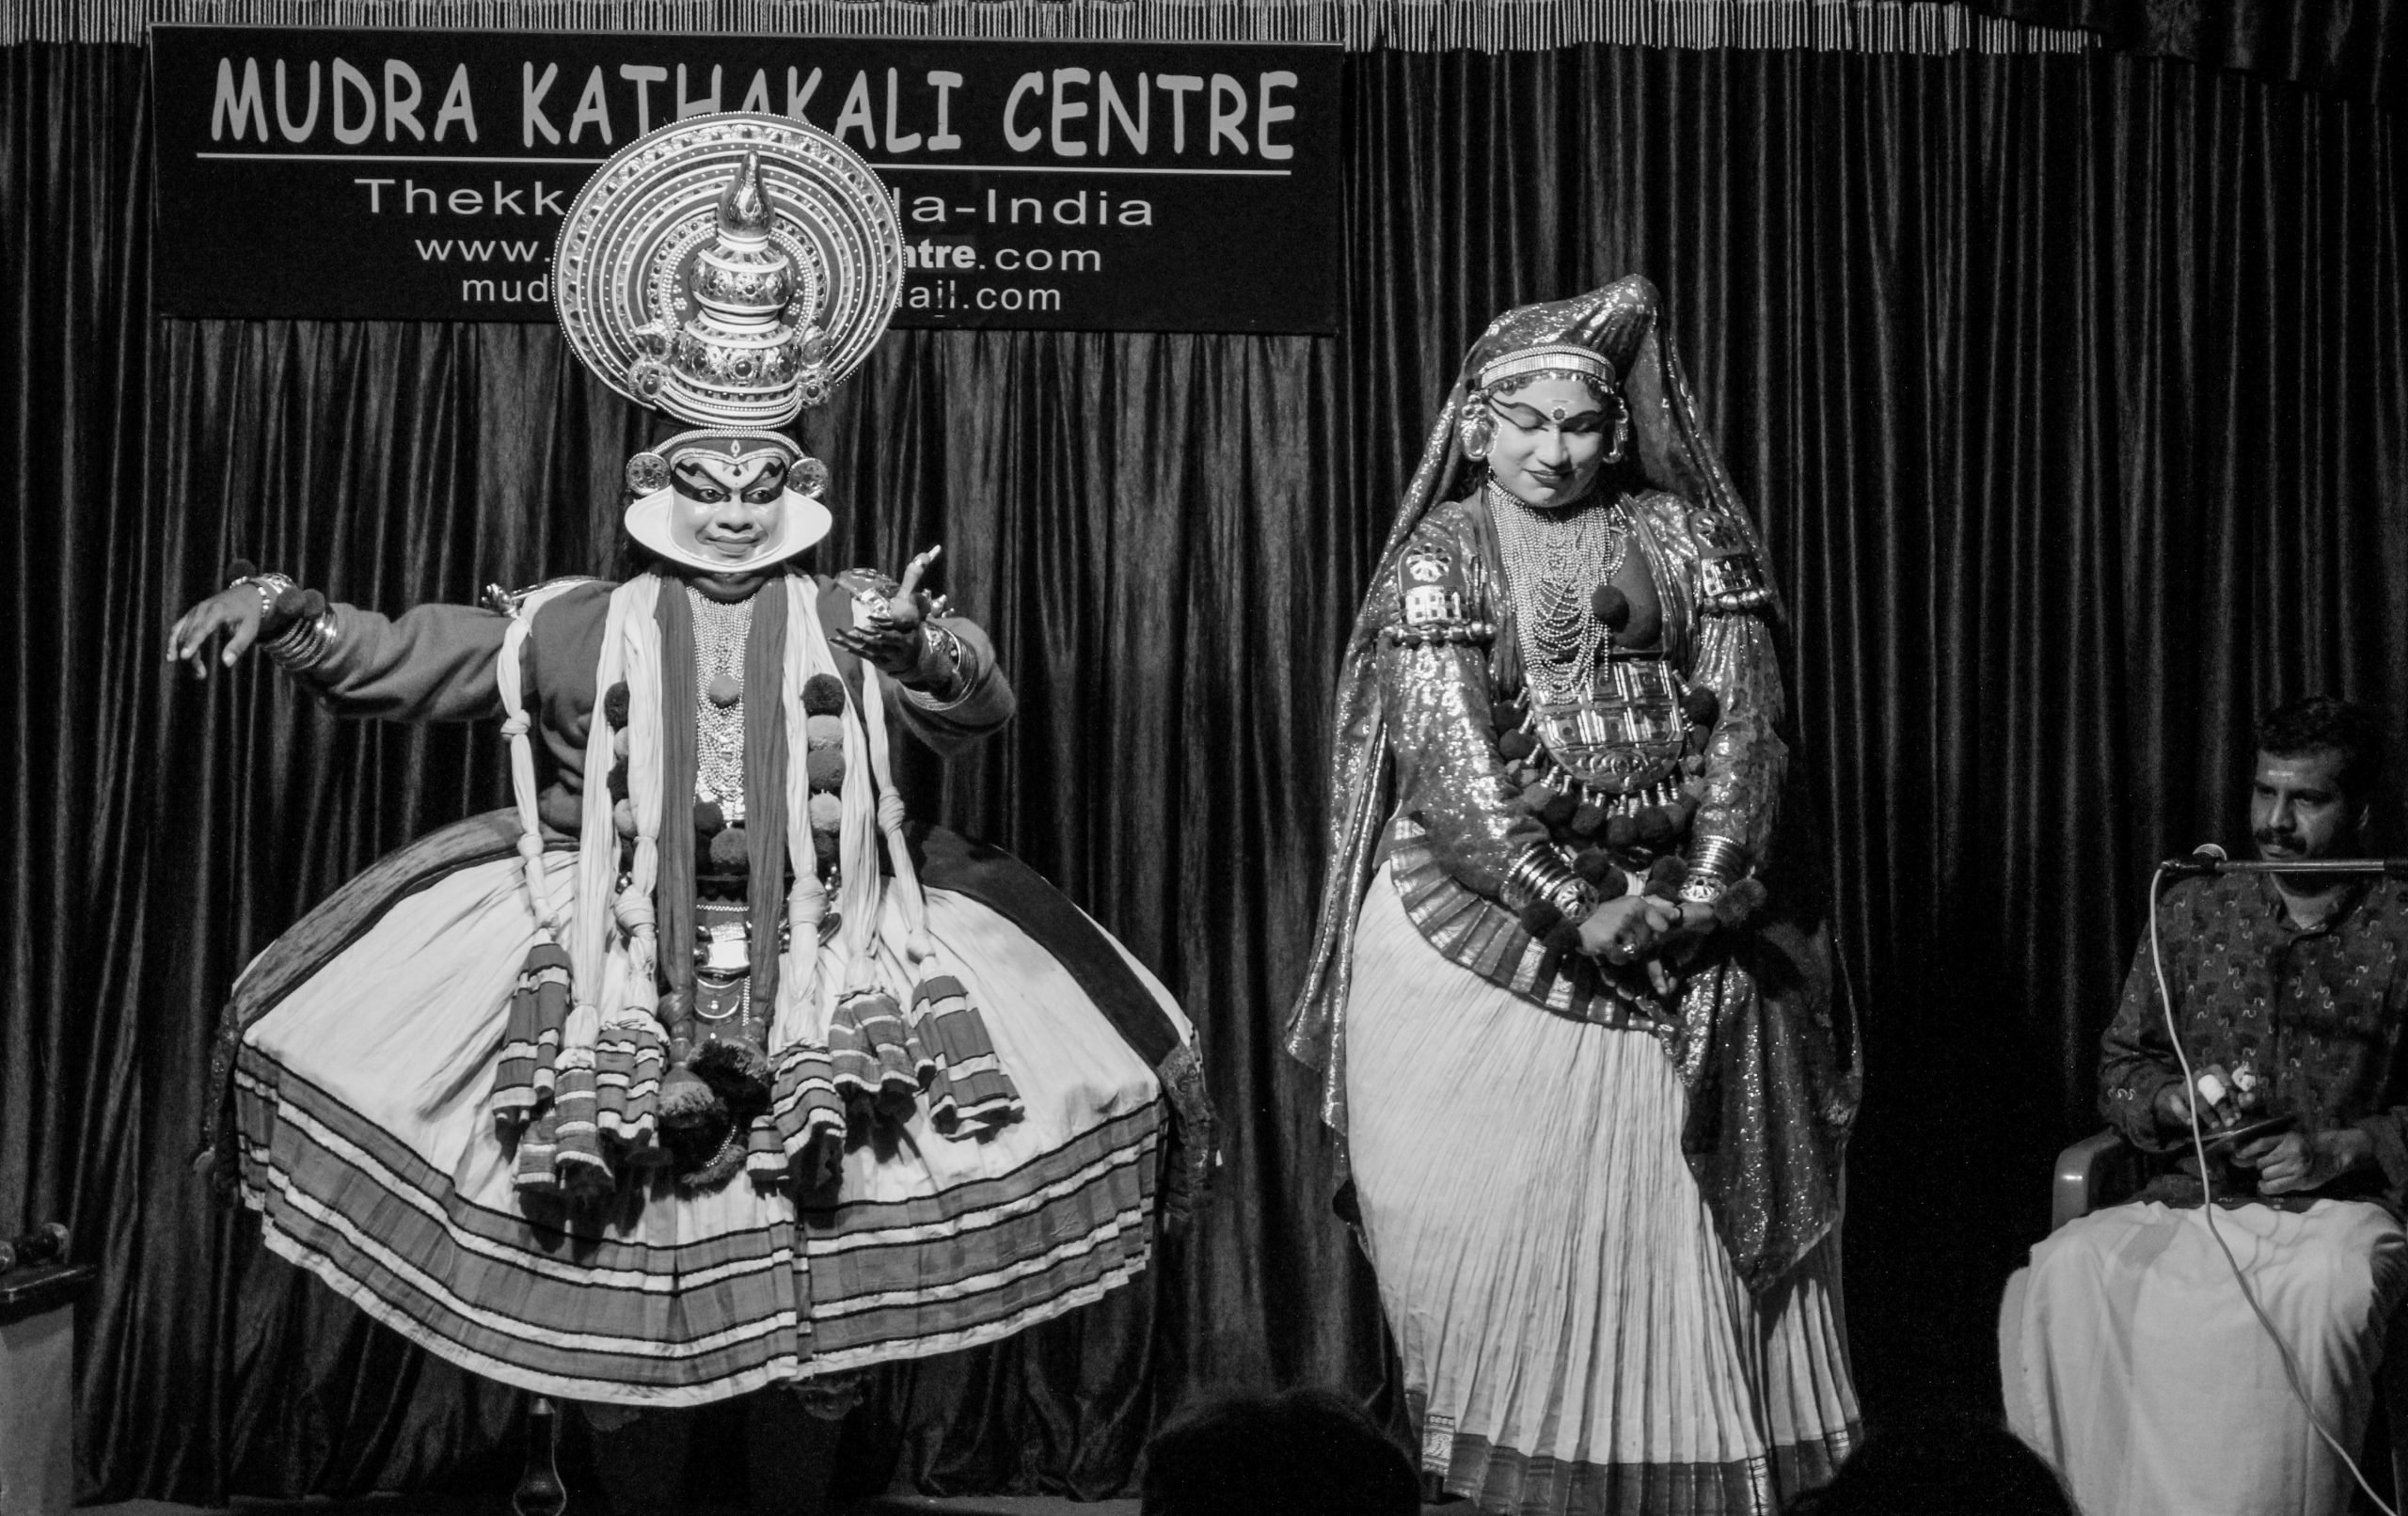 kathakali dancers